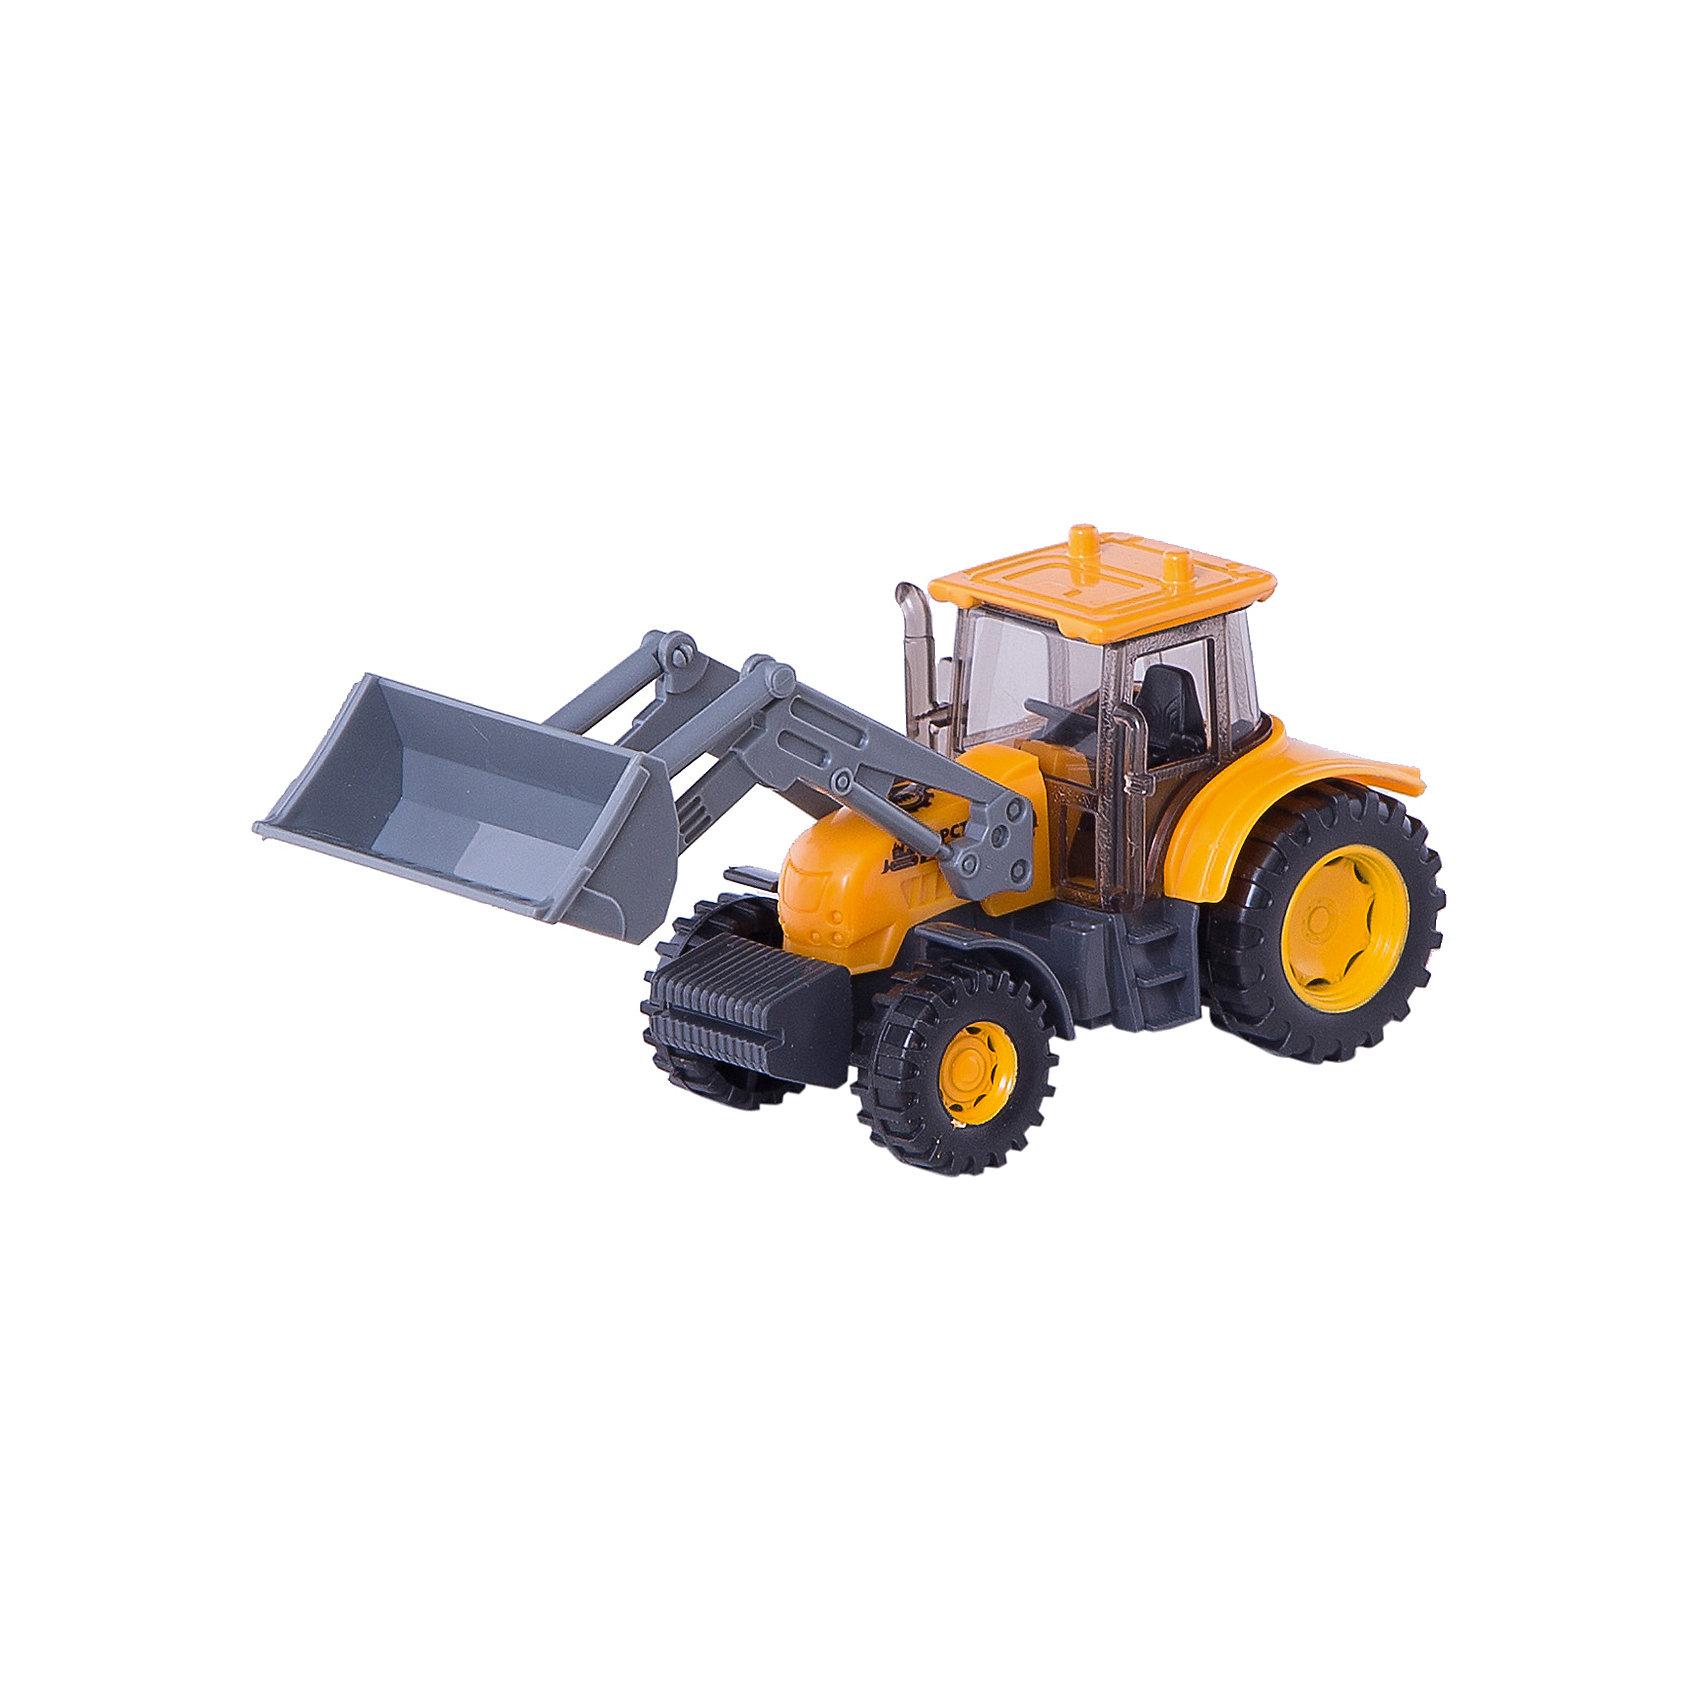 ТЕХНОПАРК Экскаватор-трактор, Технопарк tongde технопарк в блистере трактор в72180